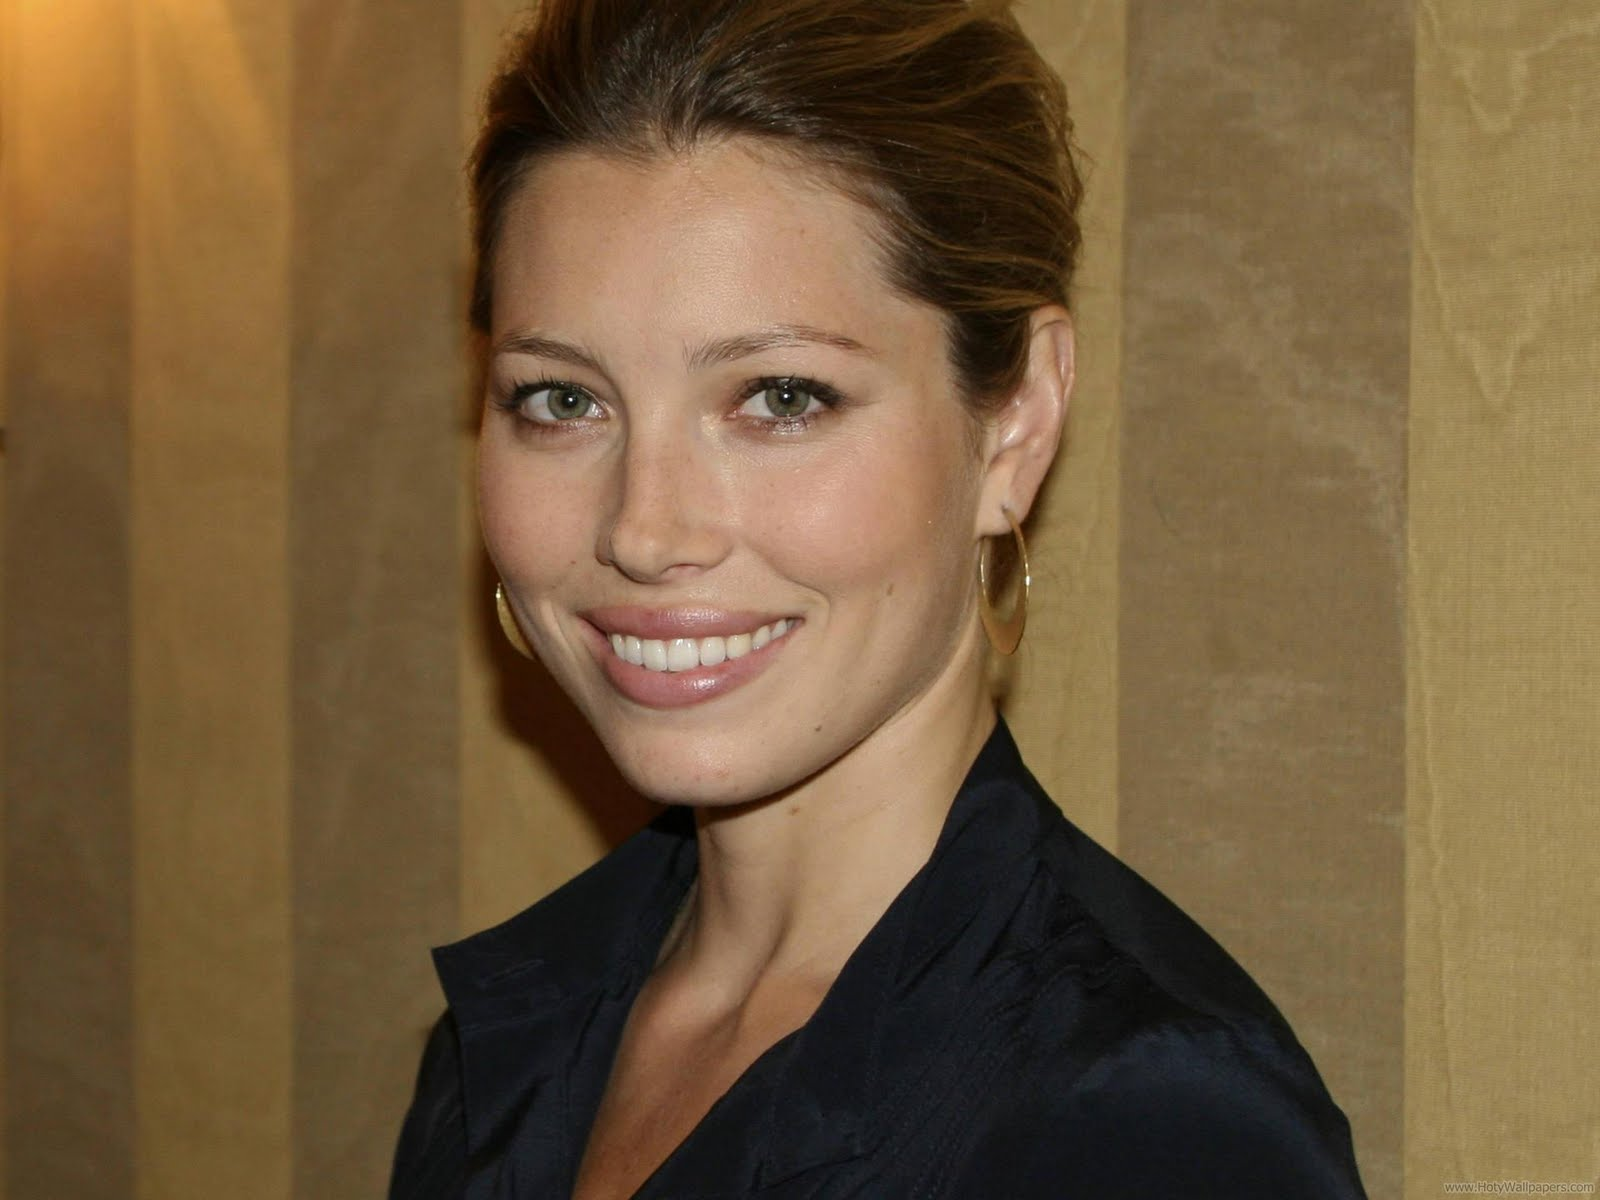 http://3.bp.blogspot.com/-n5WEPufxFAM/TracAdahTEI/AAAAAAAAPfU/eXV0yoyIgj0/s1600/jessica_biel_actress_latest_wallpaper-07-1600x1200.jpg